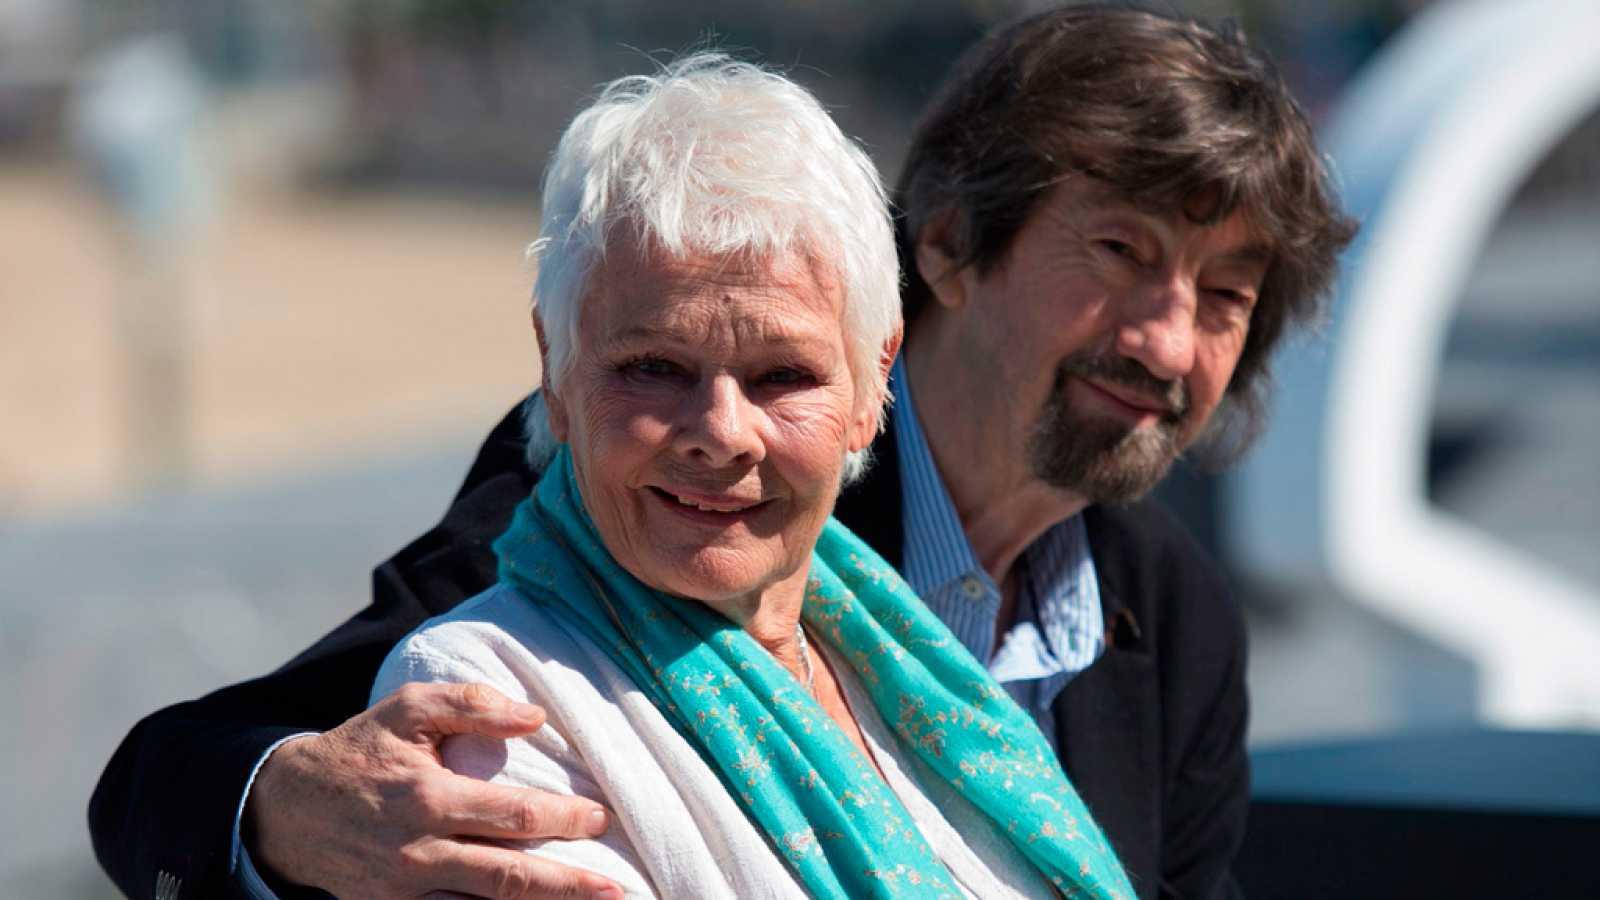 66 Festival de Cine de San Sebastián -2: Descubrimientos y nuevos directores